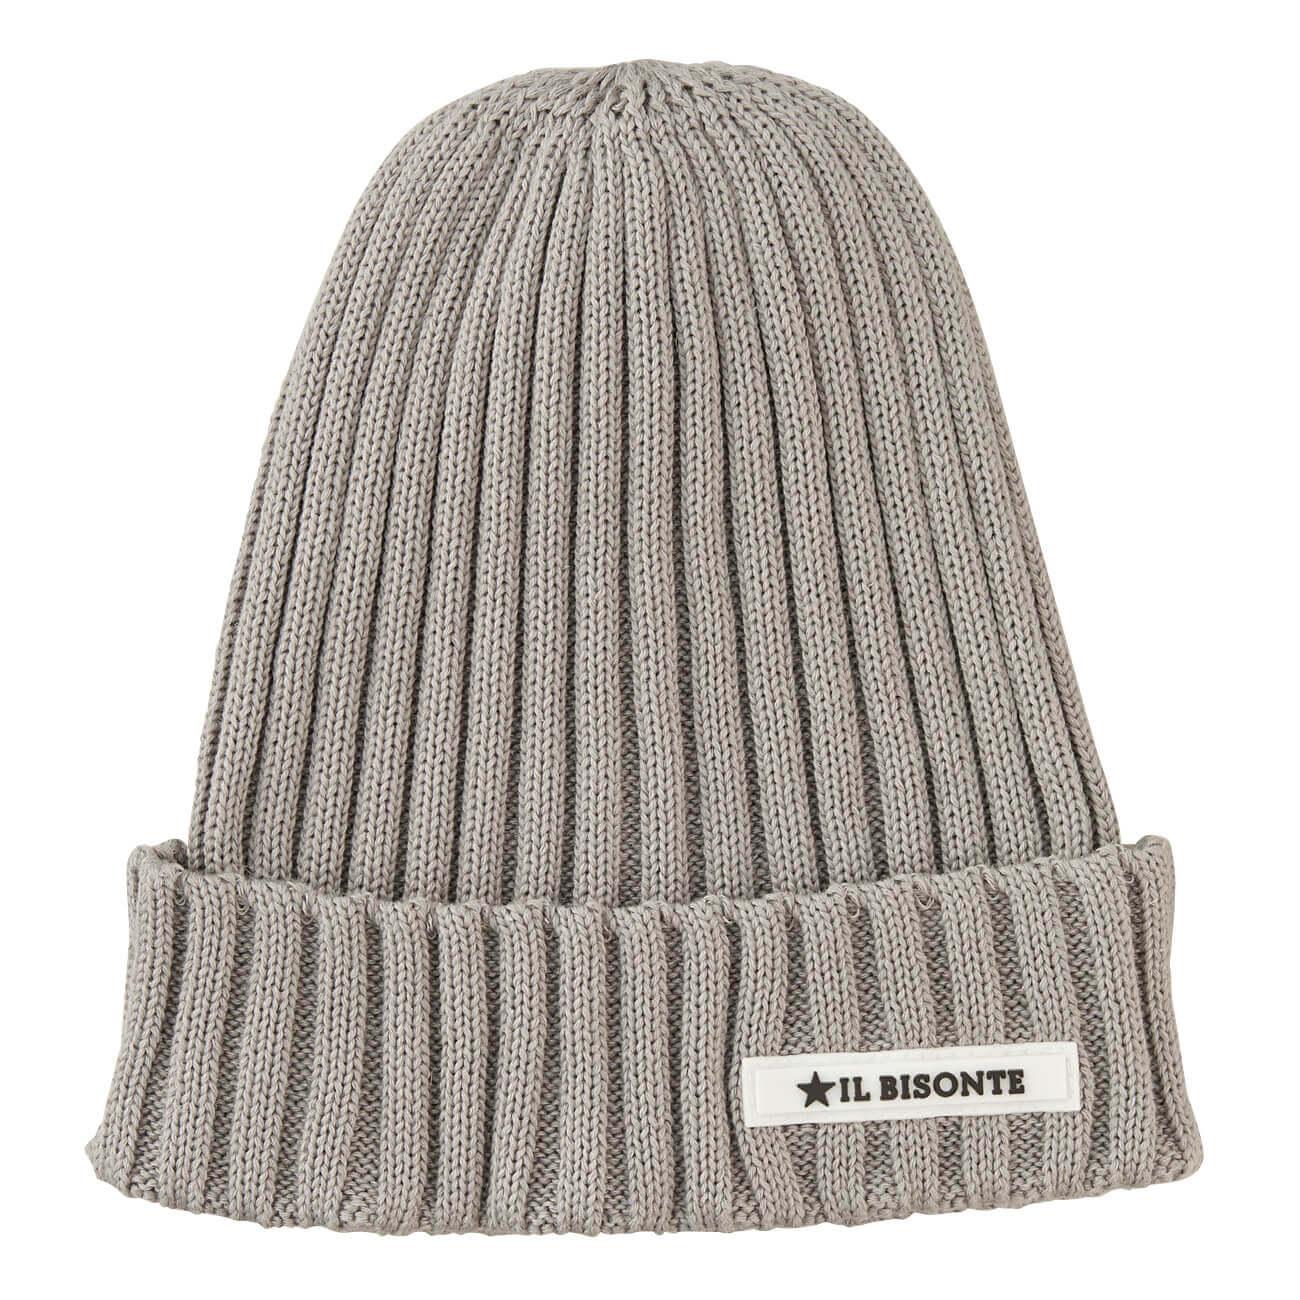 IL BISONTE (イル ビゾンテ) 日本公式オンラインストア ニット帽 54202304183